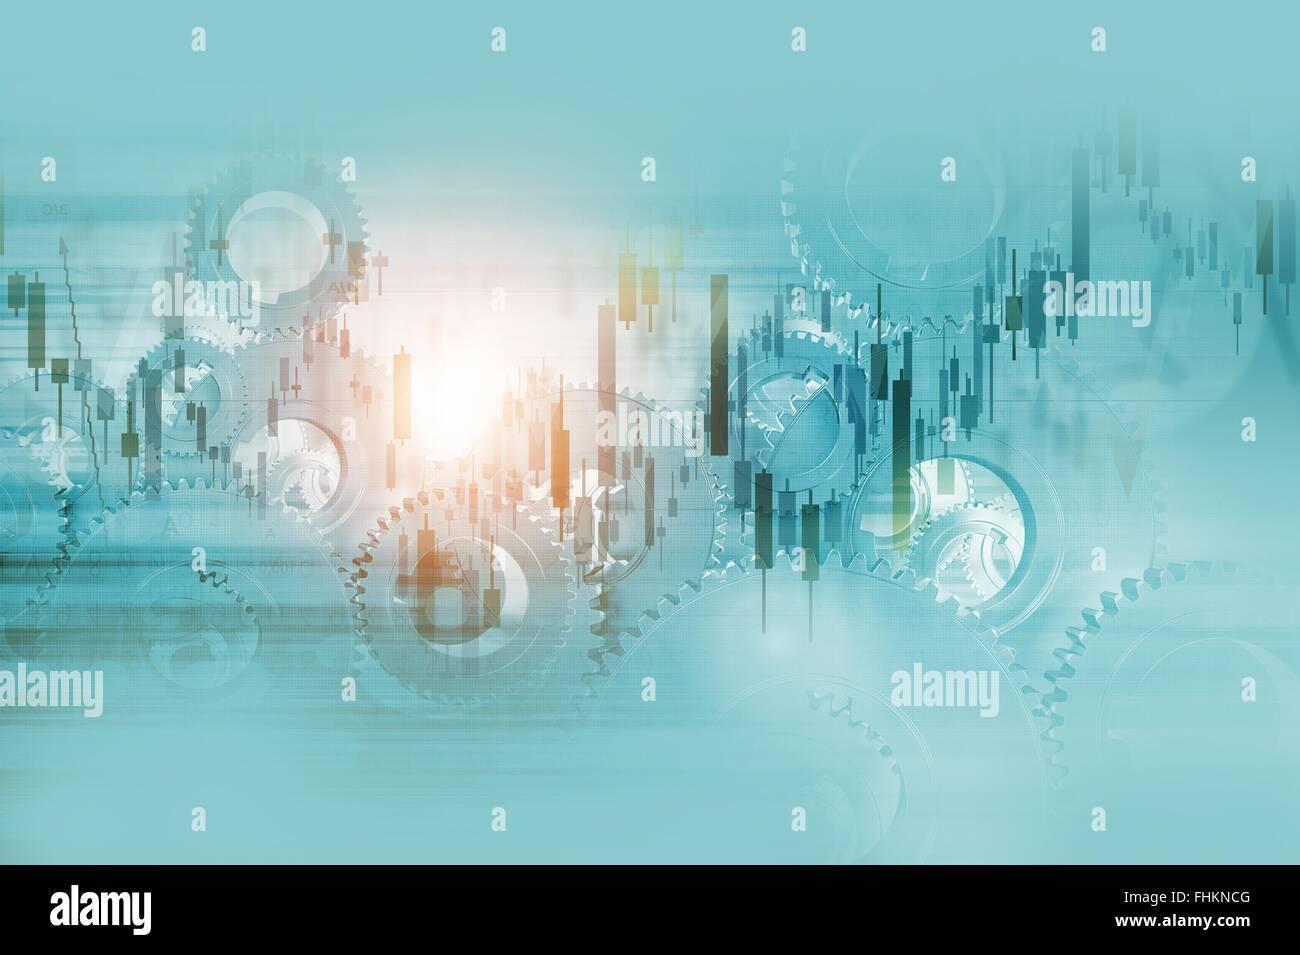 Les mécanismes de l'économie Résumé Business Background Illustration. Banque D'Images